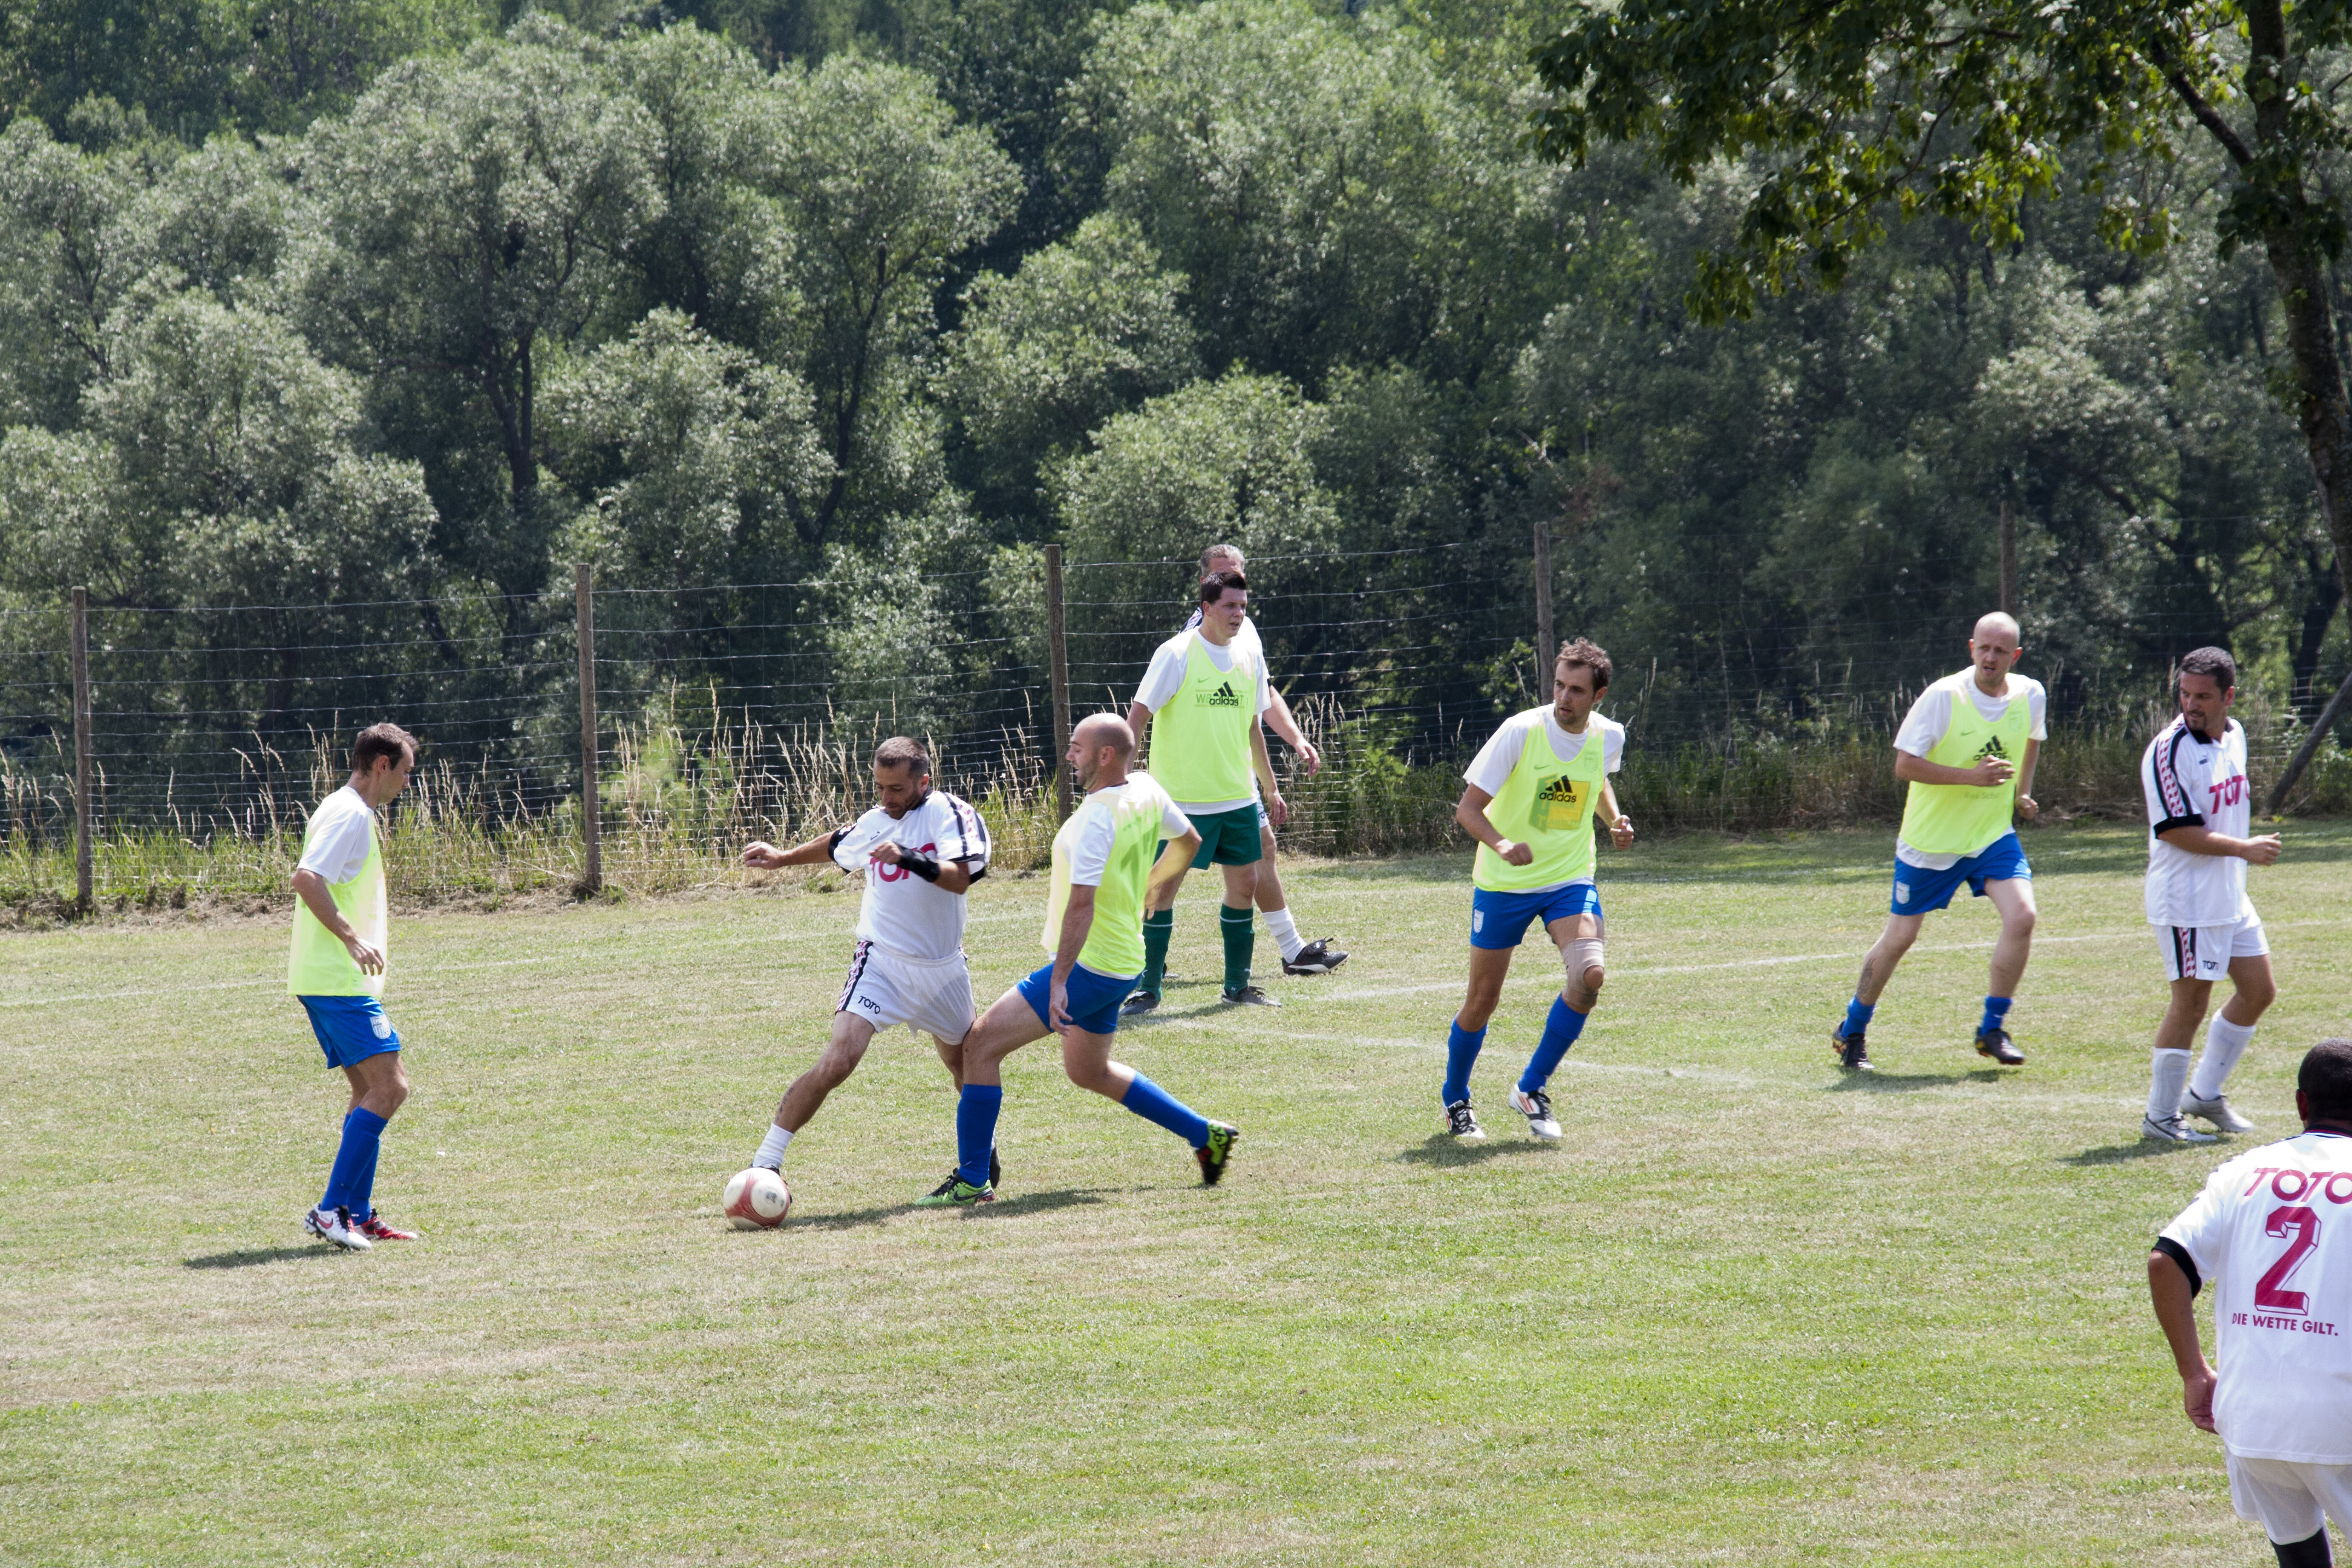 2012-07-07-sportfest-landsee-032